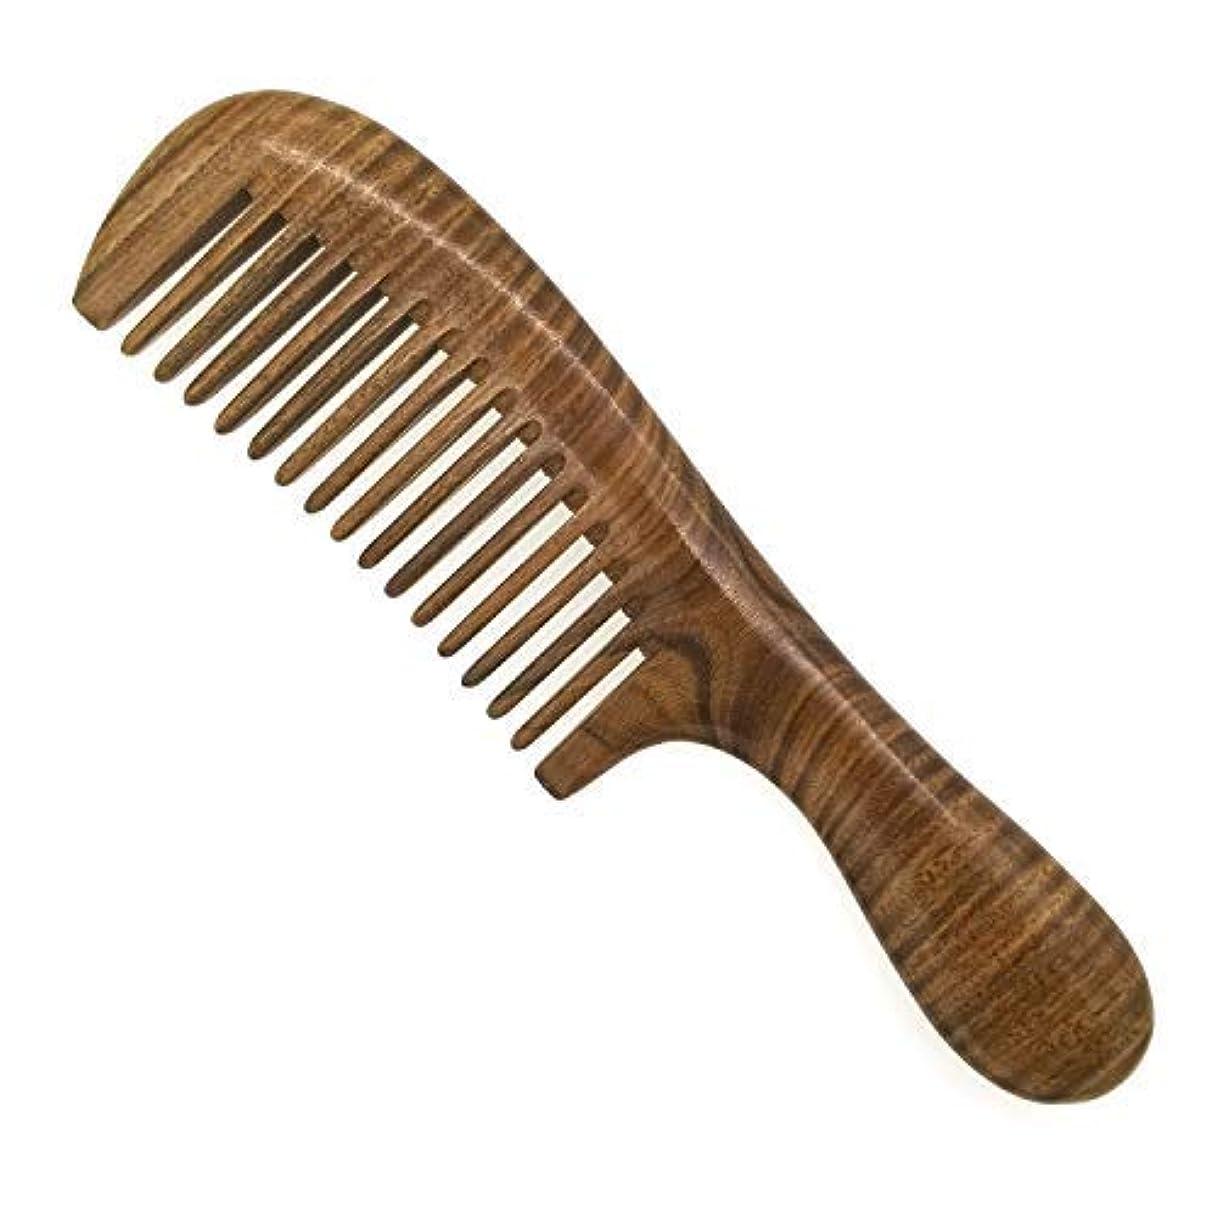 逸脱洋服救いERZA SCARLET Real Natural Green Sandalwood Wooden Comb/Boutique Hair Comb - NO SNAGS,NO STATIC,NO TANGLE (Wide...